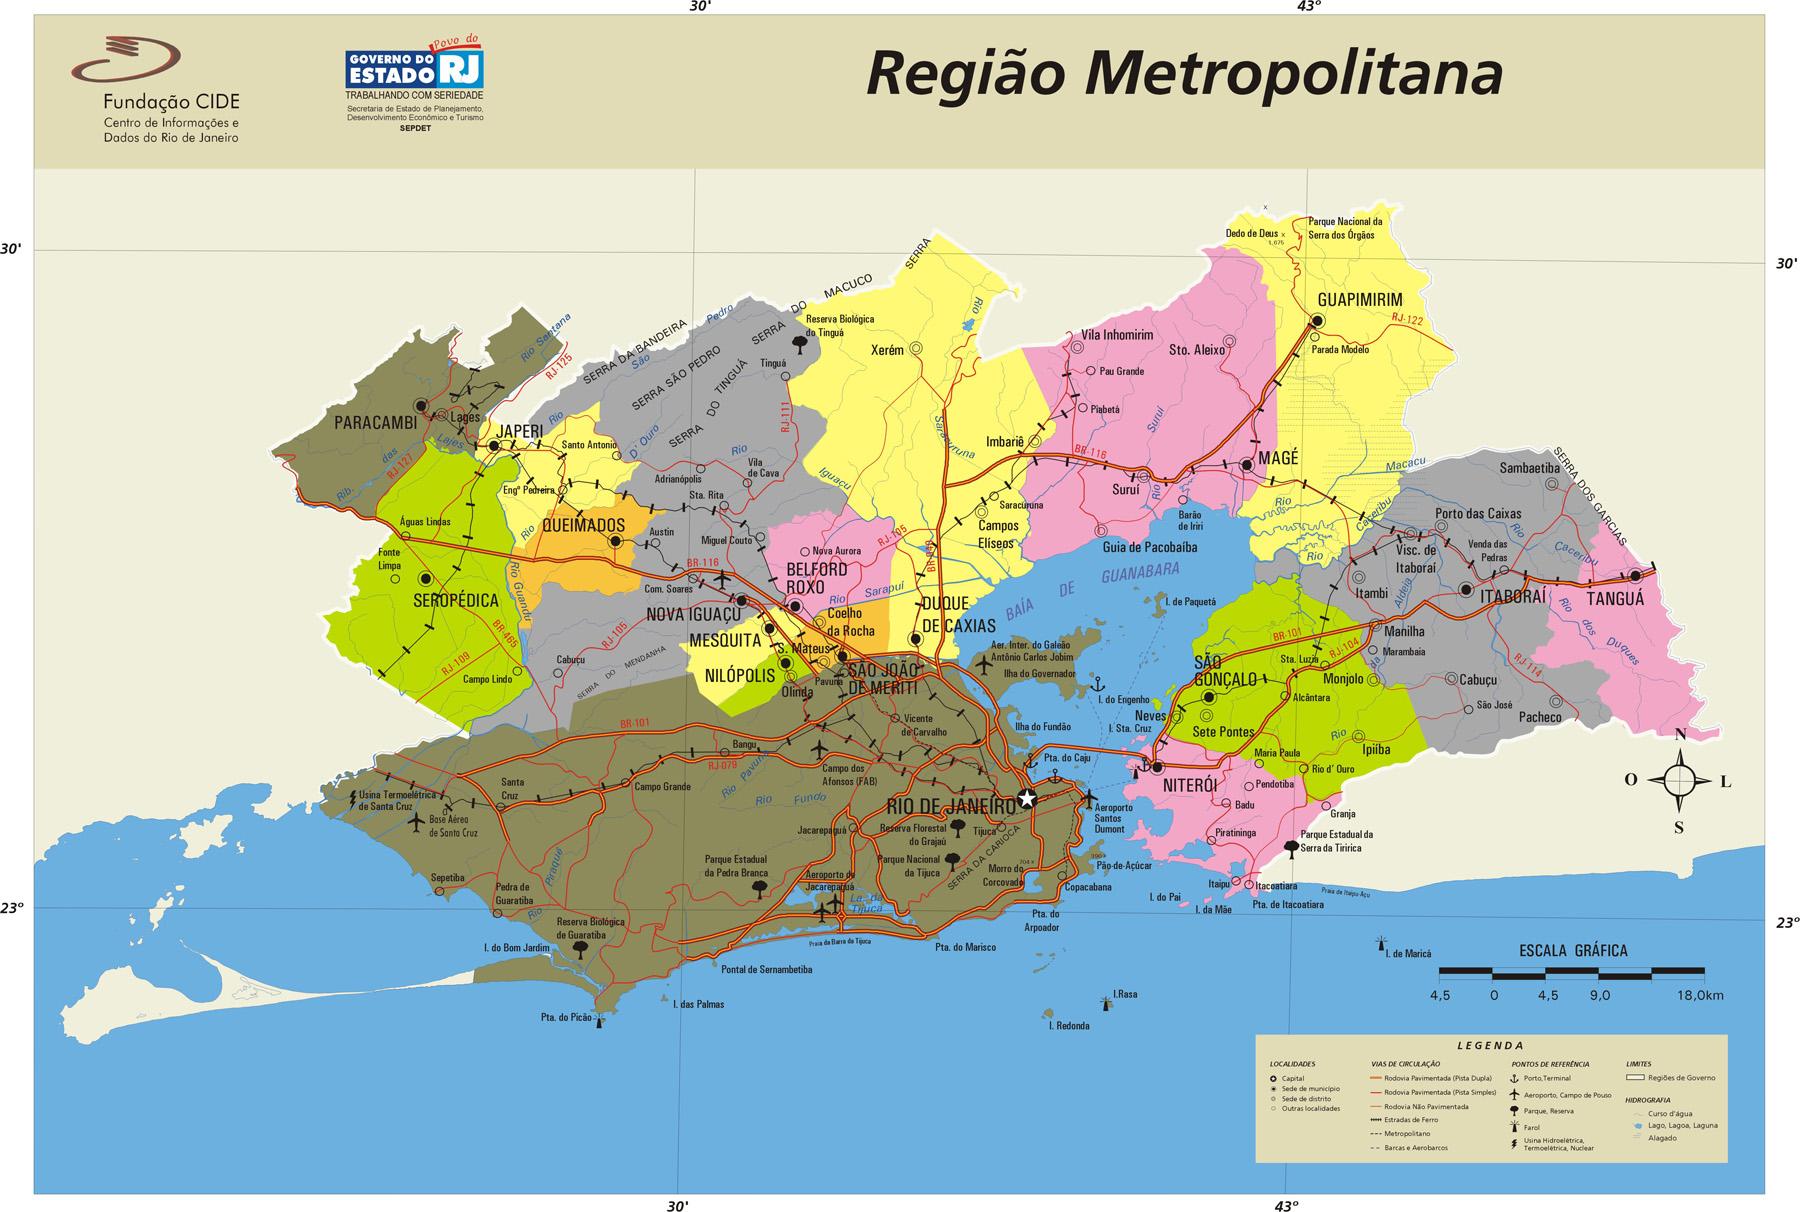 Mapa de la Region Metropolitana, Edo. Rio de Janeiro, Brasil